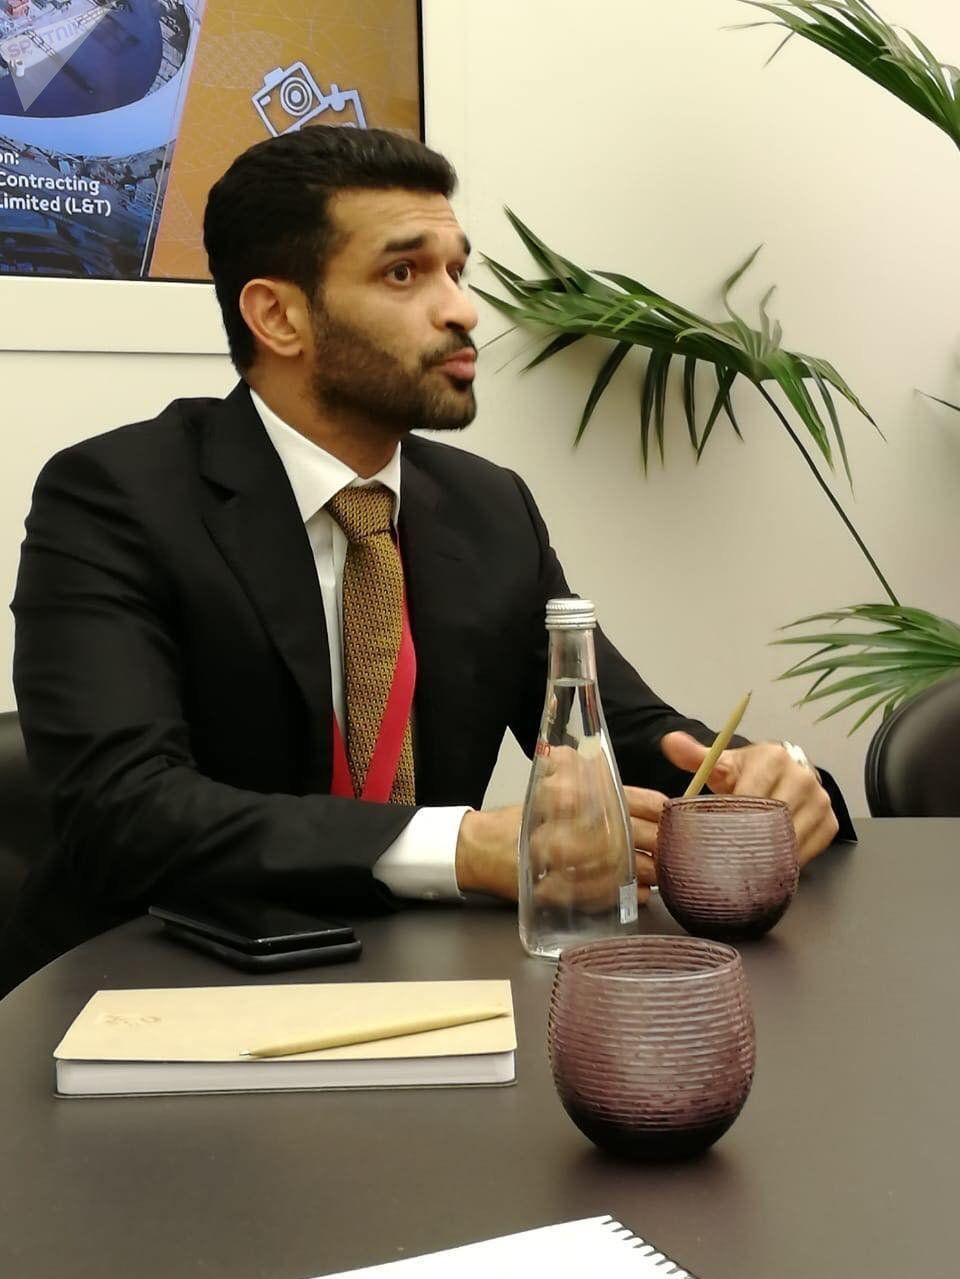 حسن الذوادي الأمين العام للجنة العليا للمشاريع والإرث في قطر